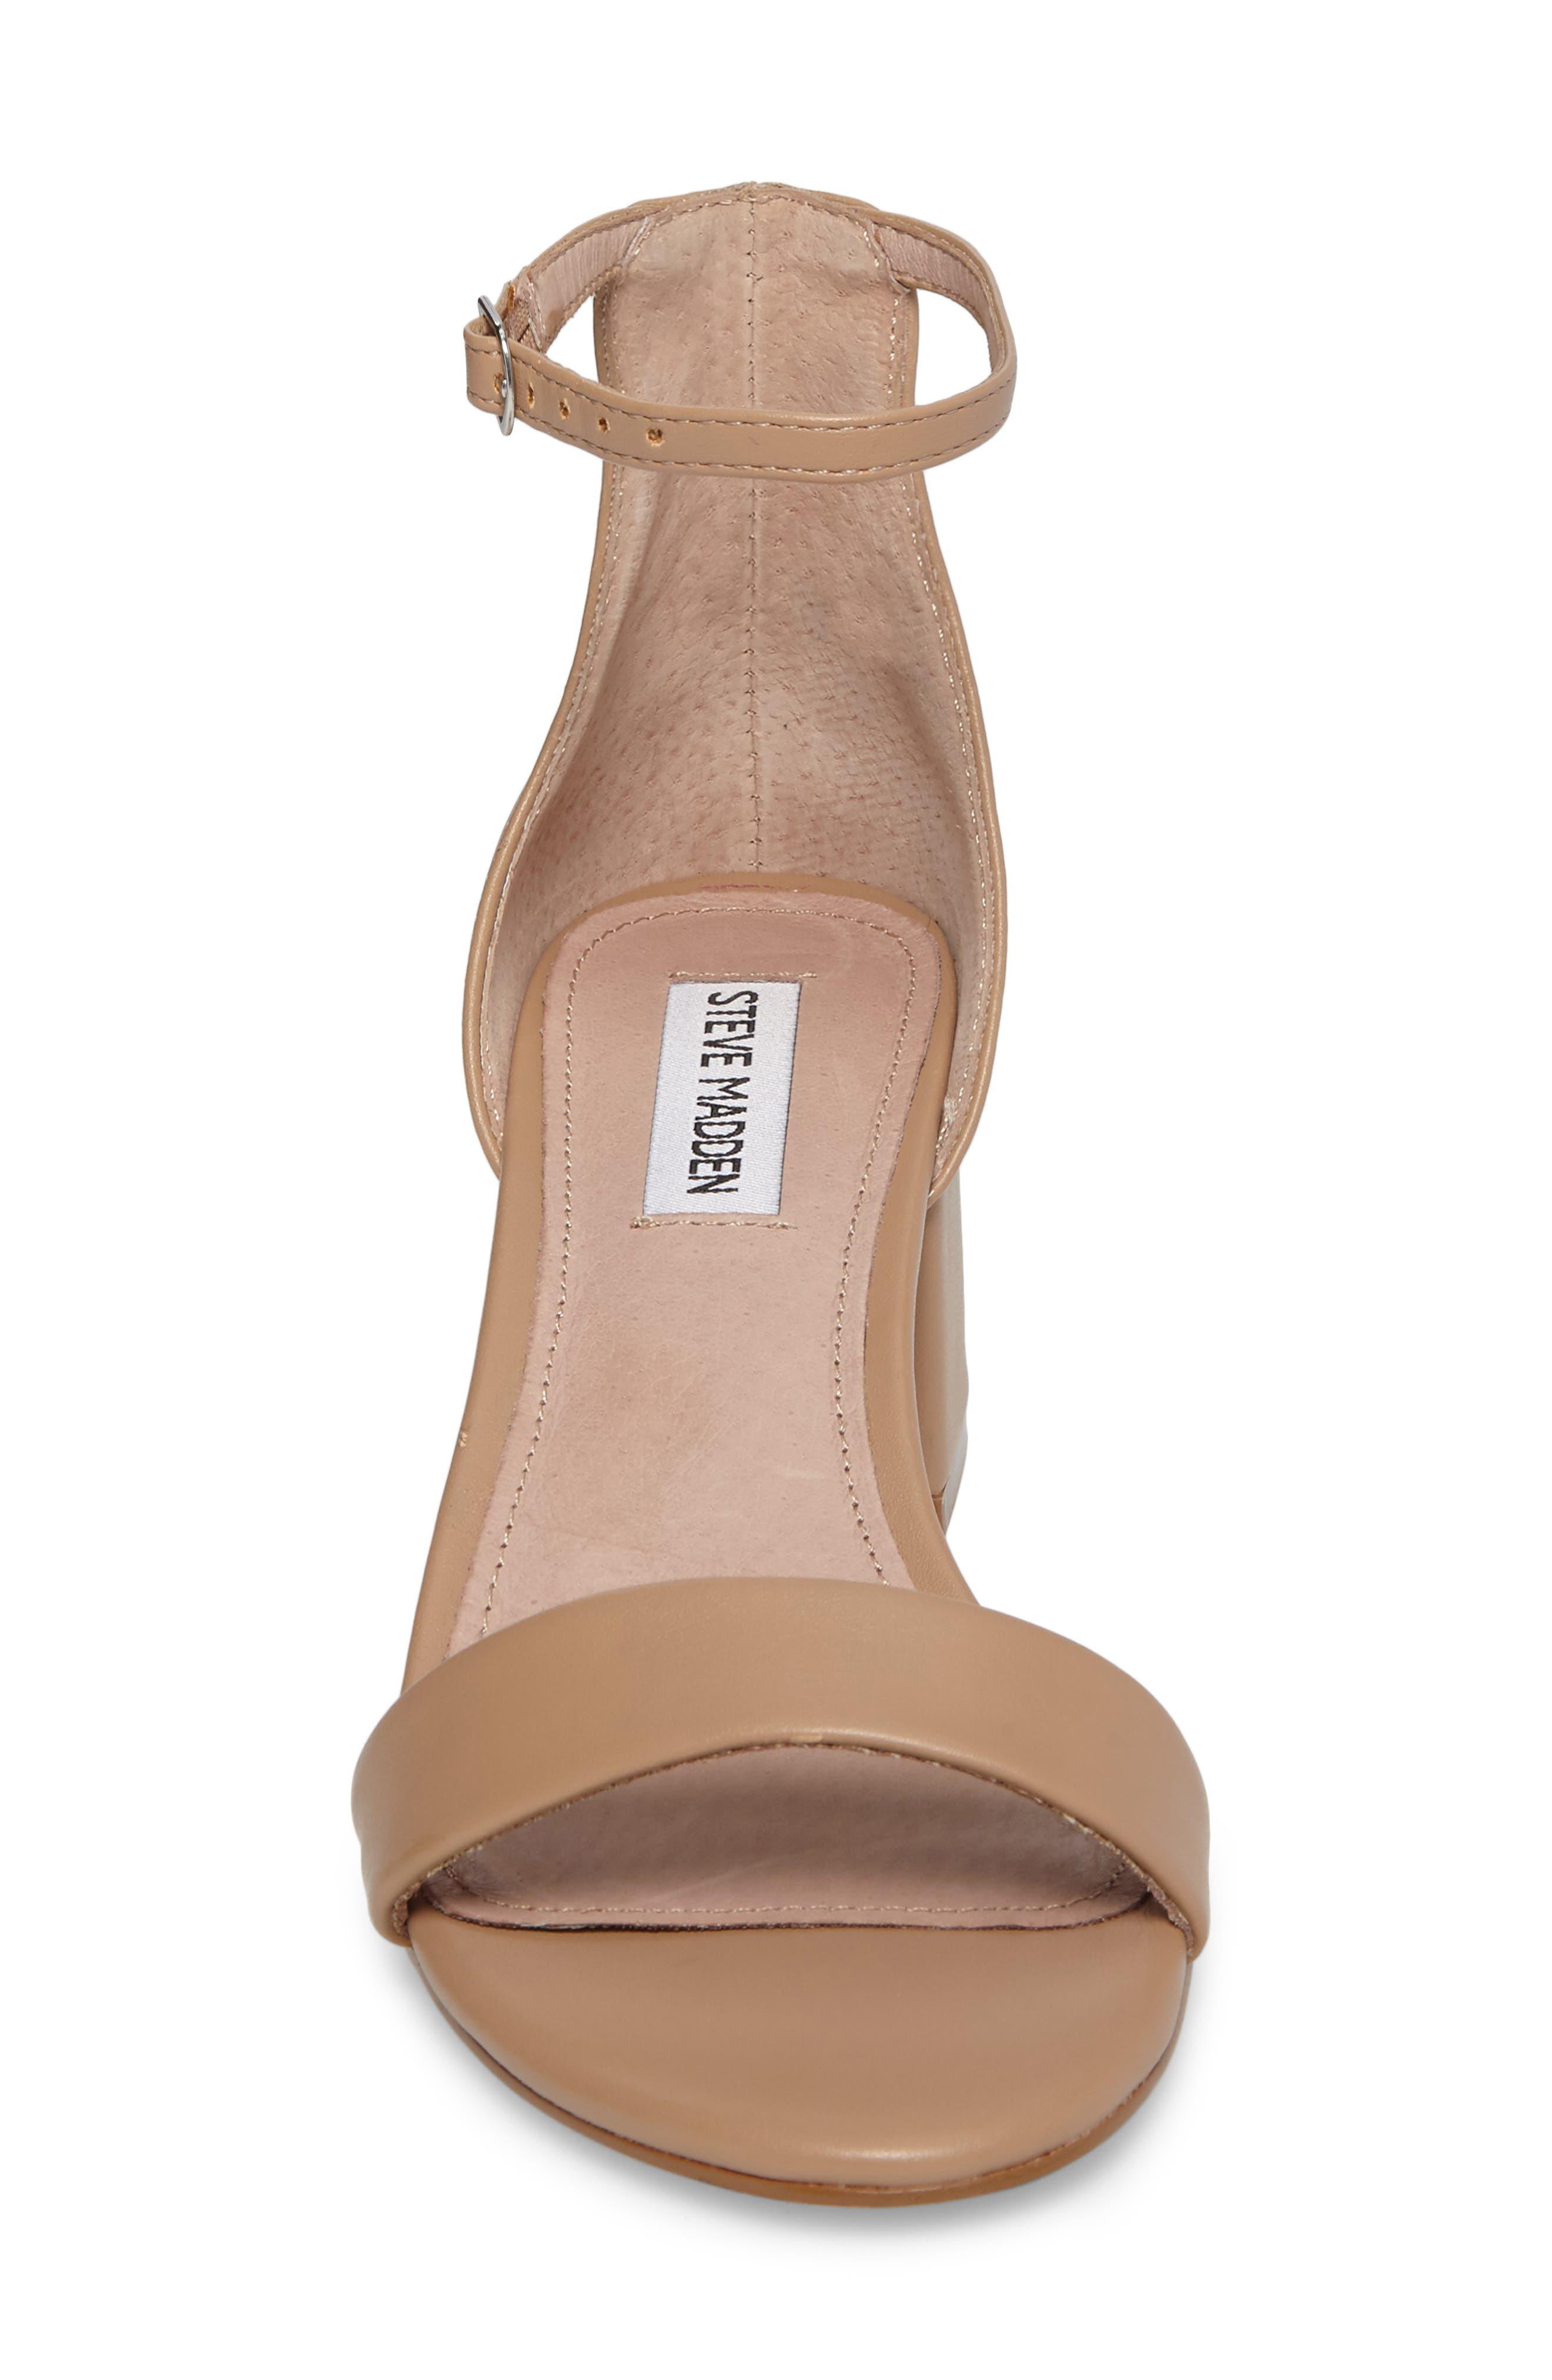 Irenee Ankle Strap Sandal,                             Alternate thumbnail 92, color,